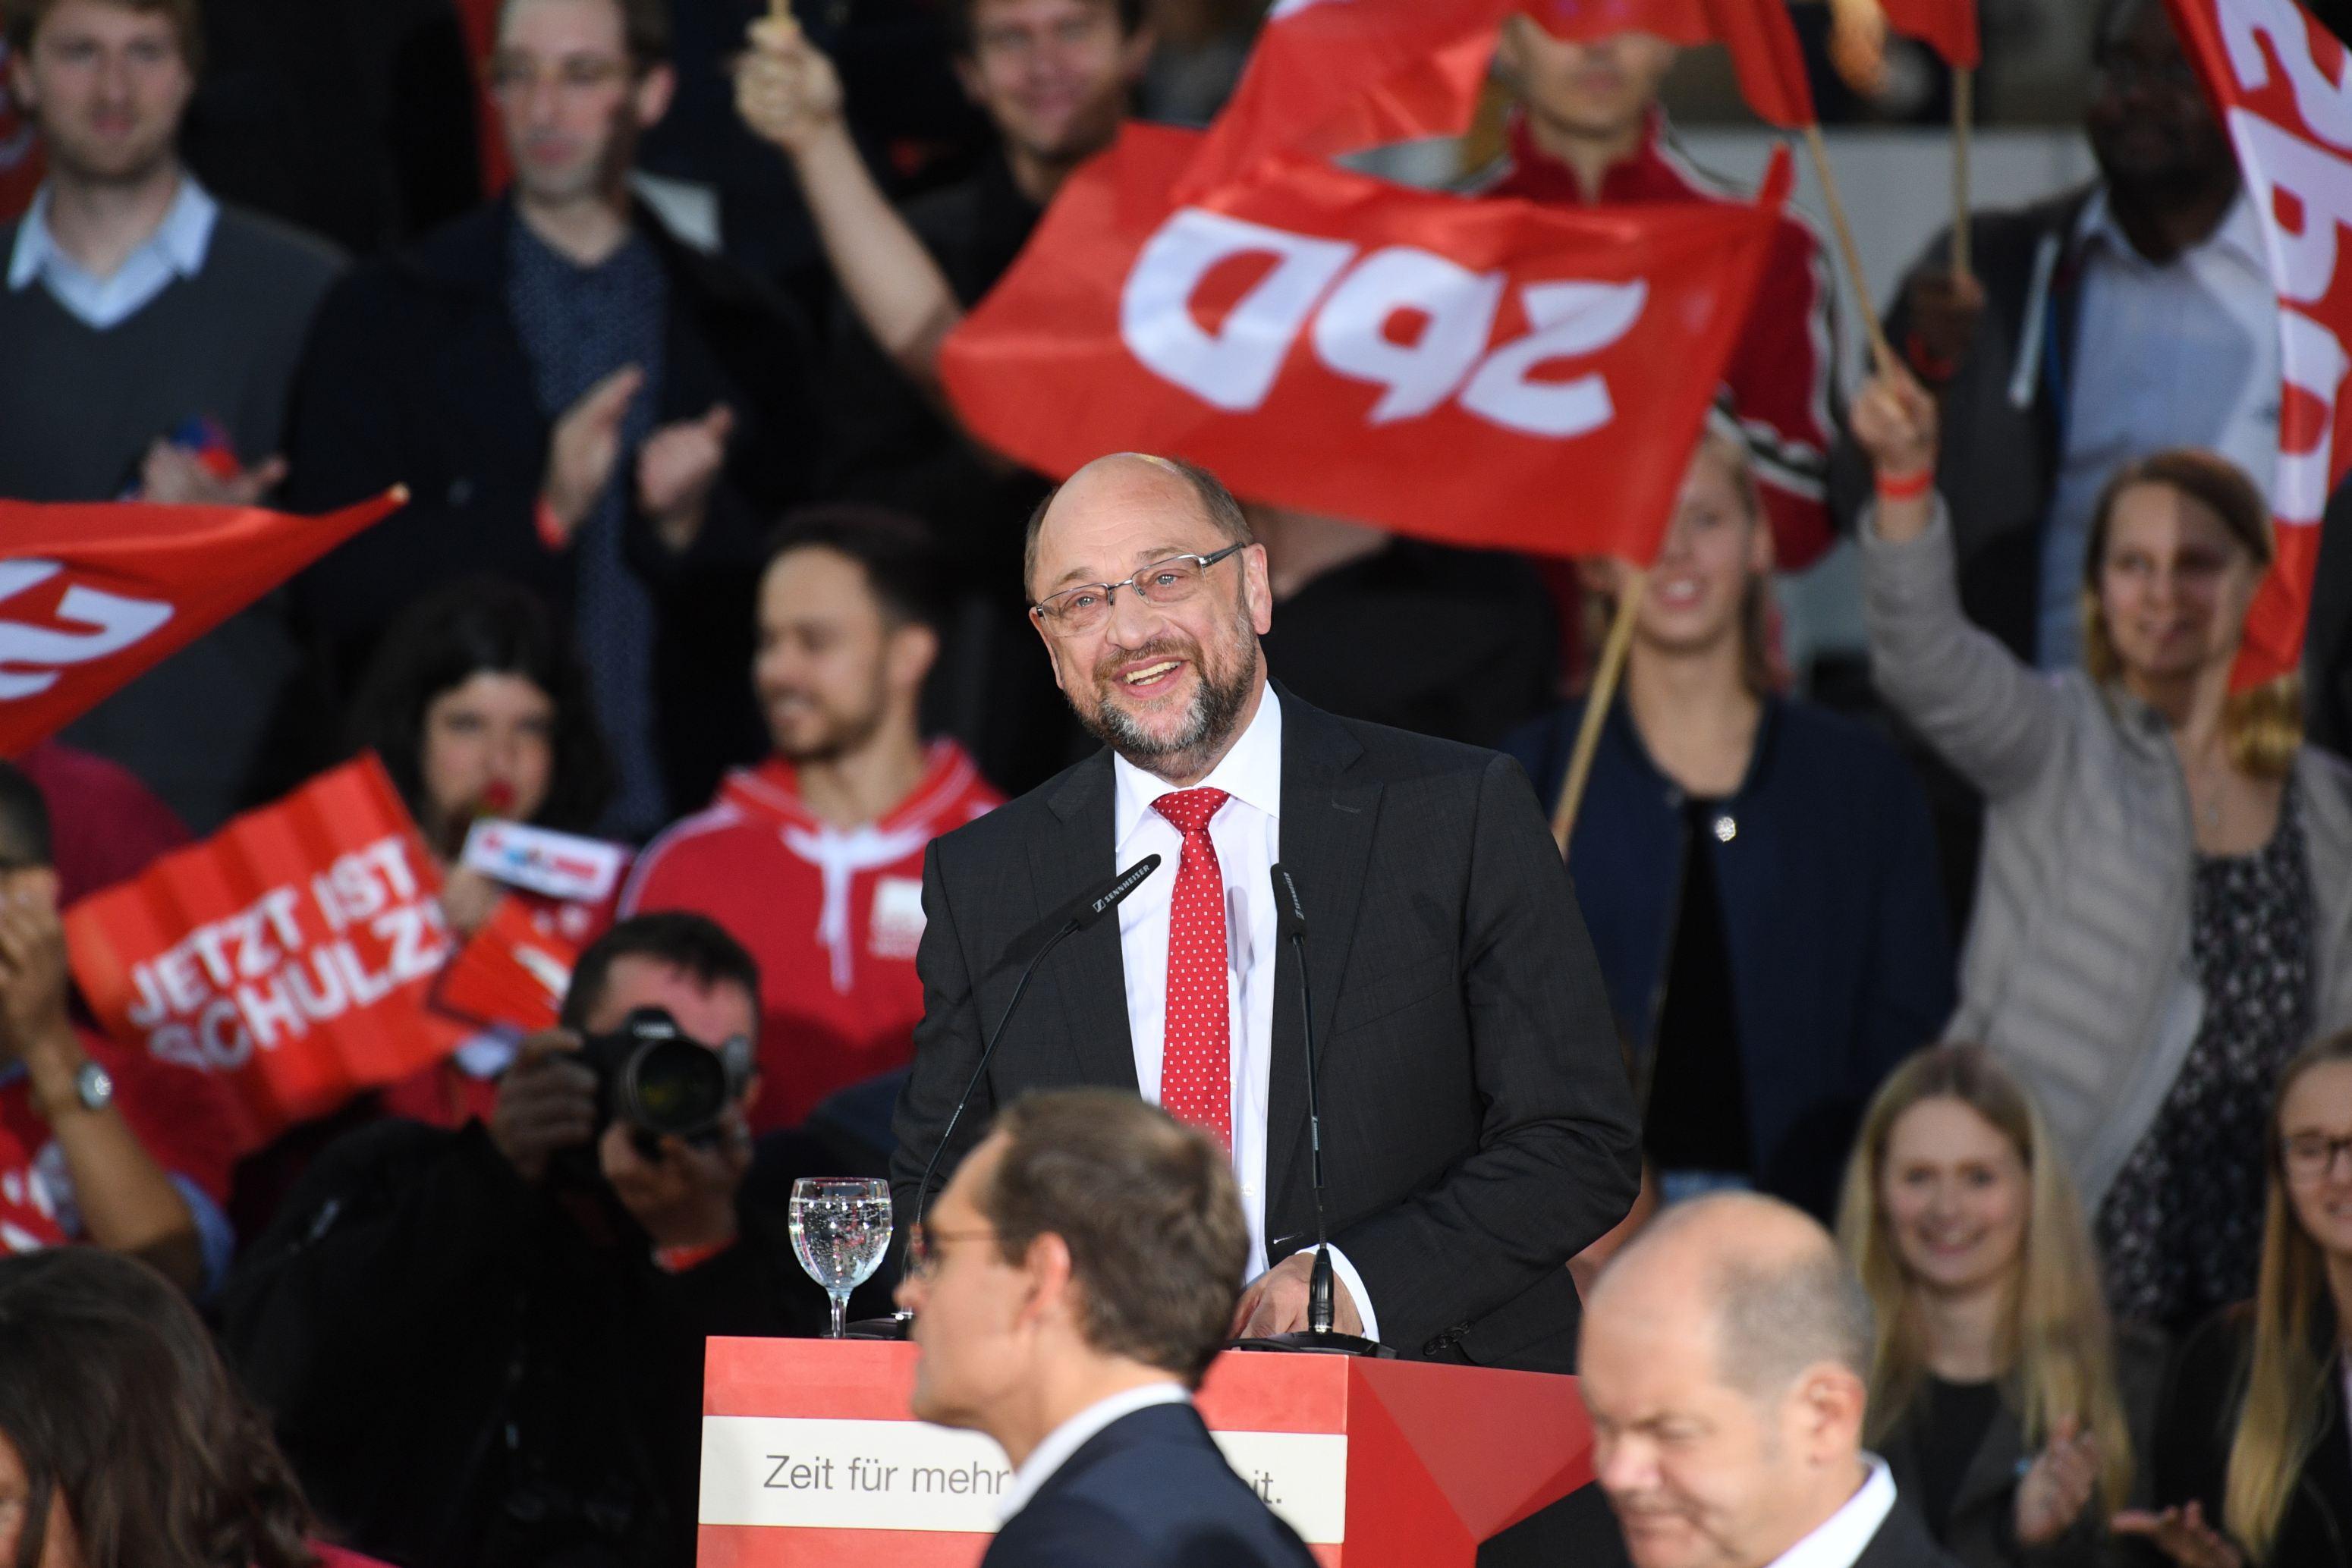 Martin Schulz a fost reales în funcţia de preşedinte al social-democraţilor germani